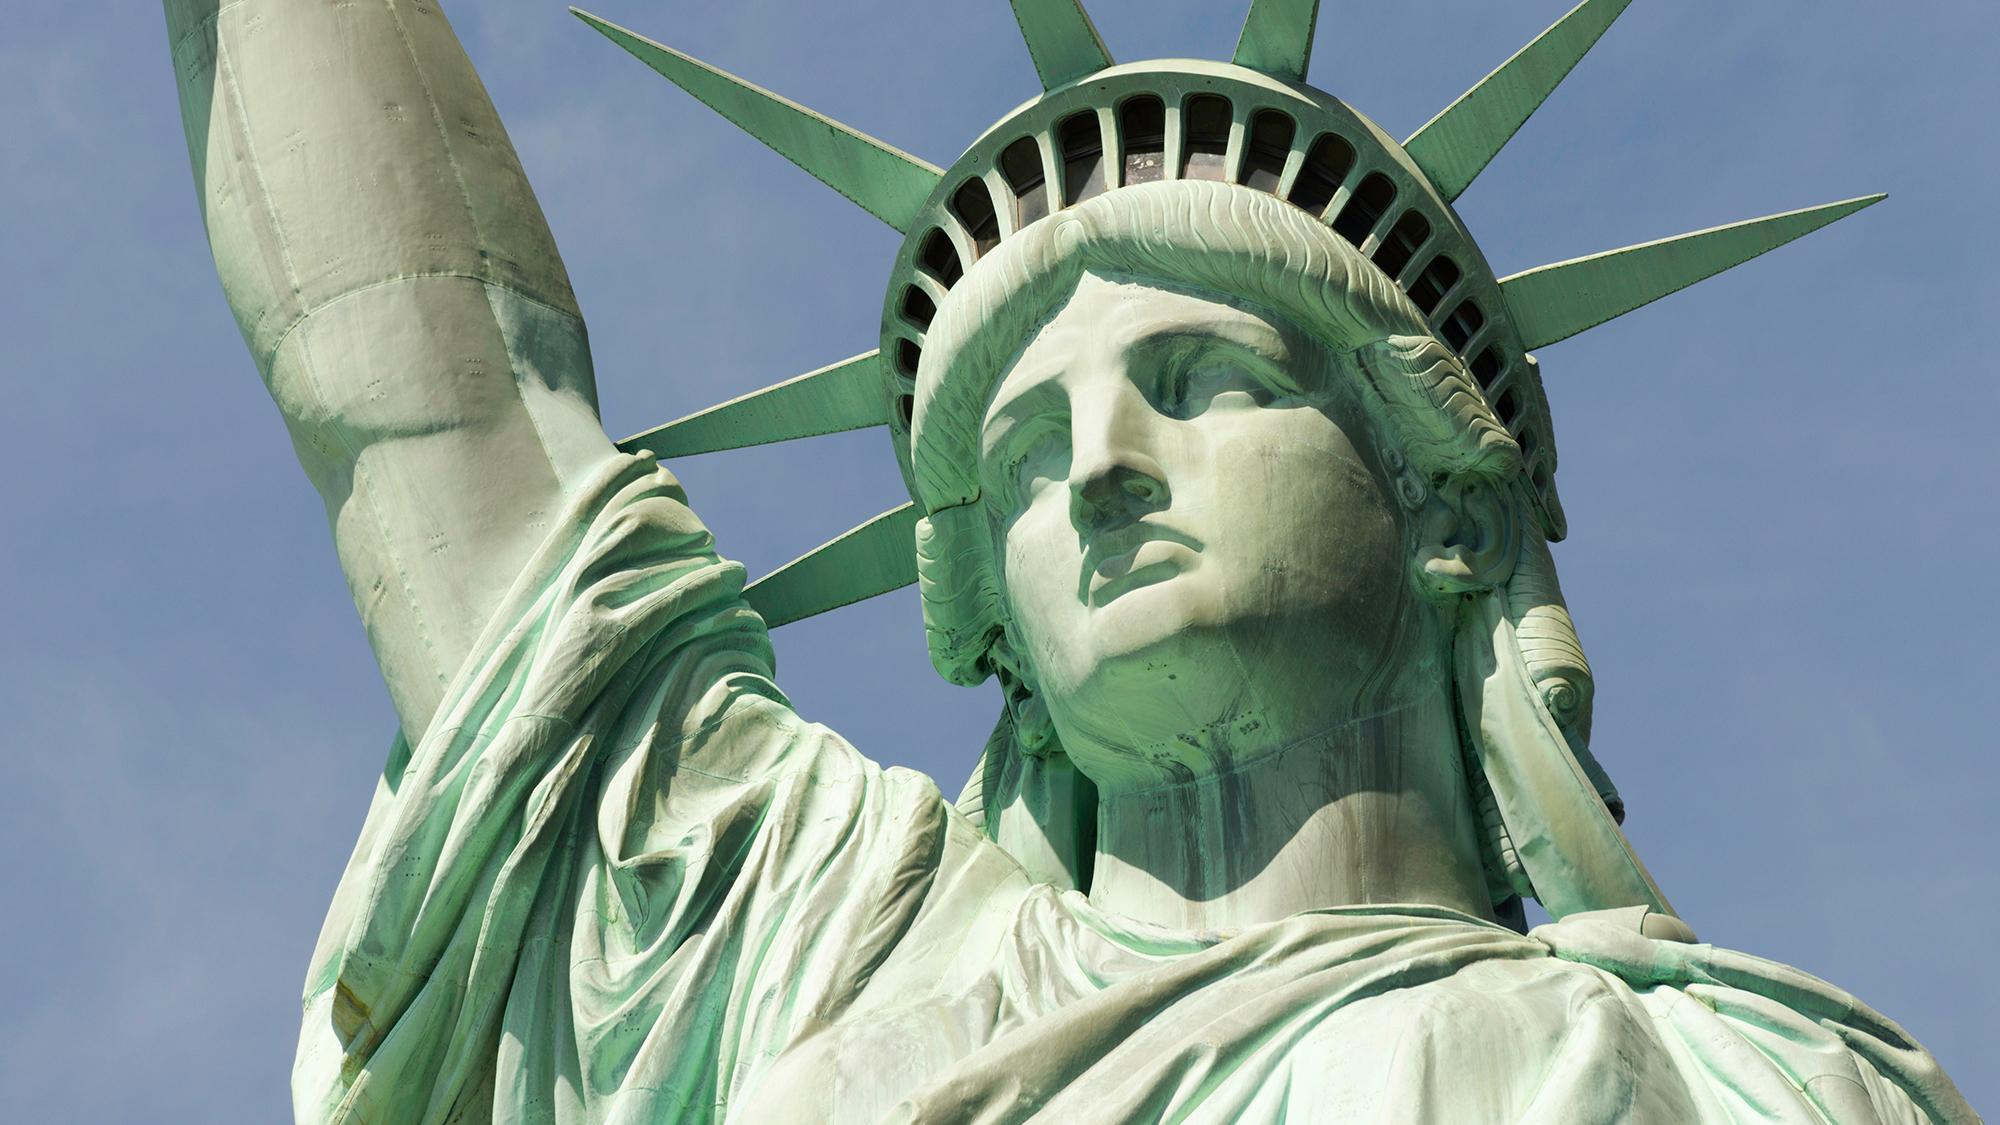 statueofliberty200x1125